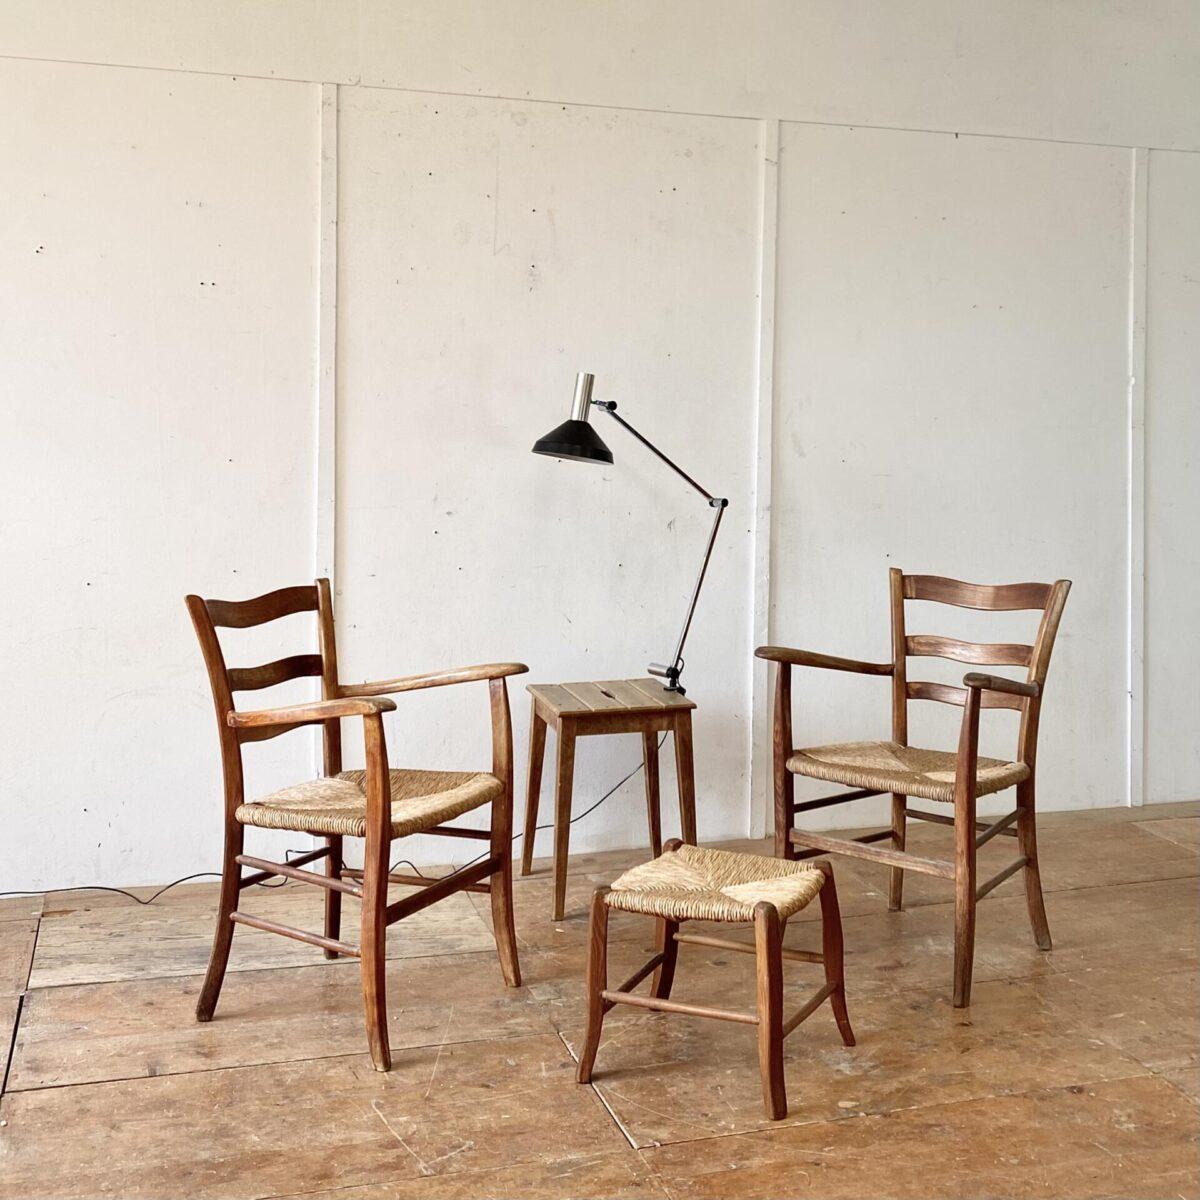 Deuxieme.shop Holz Sessel. Tessiner Armlehnstühle mit Ottoman. Sitzhöhe 44cm der kleine Hocker ist etwas tiefer. Eine der beiden Sitzflächen ist bisschen ausgefranst gemäss Bild 4. Ansonsten in stabilem Zustand.